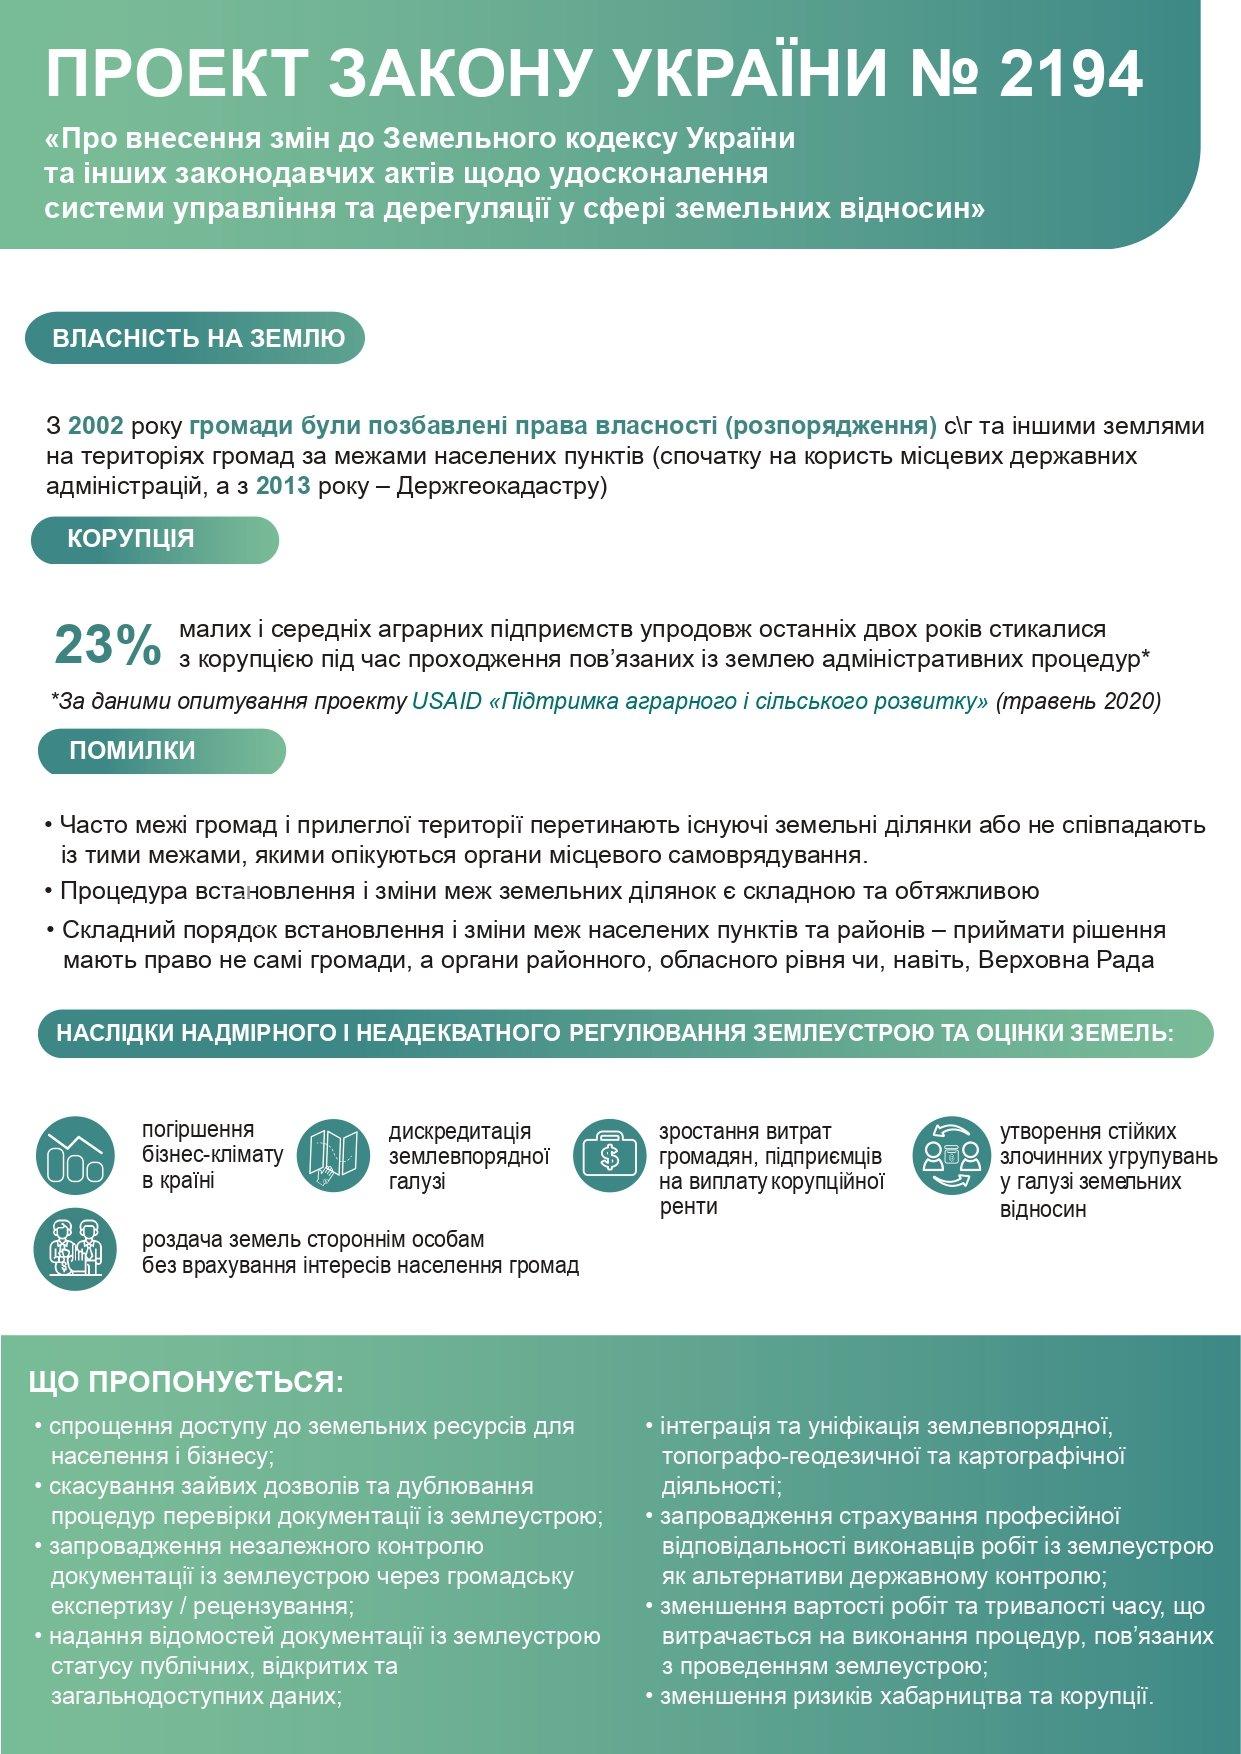 Громадам Хмельниччини необхідний закон, який вирішить проблеми громад у сфері земельних відносин, - Асоціація міст України, фото-1